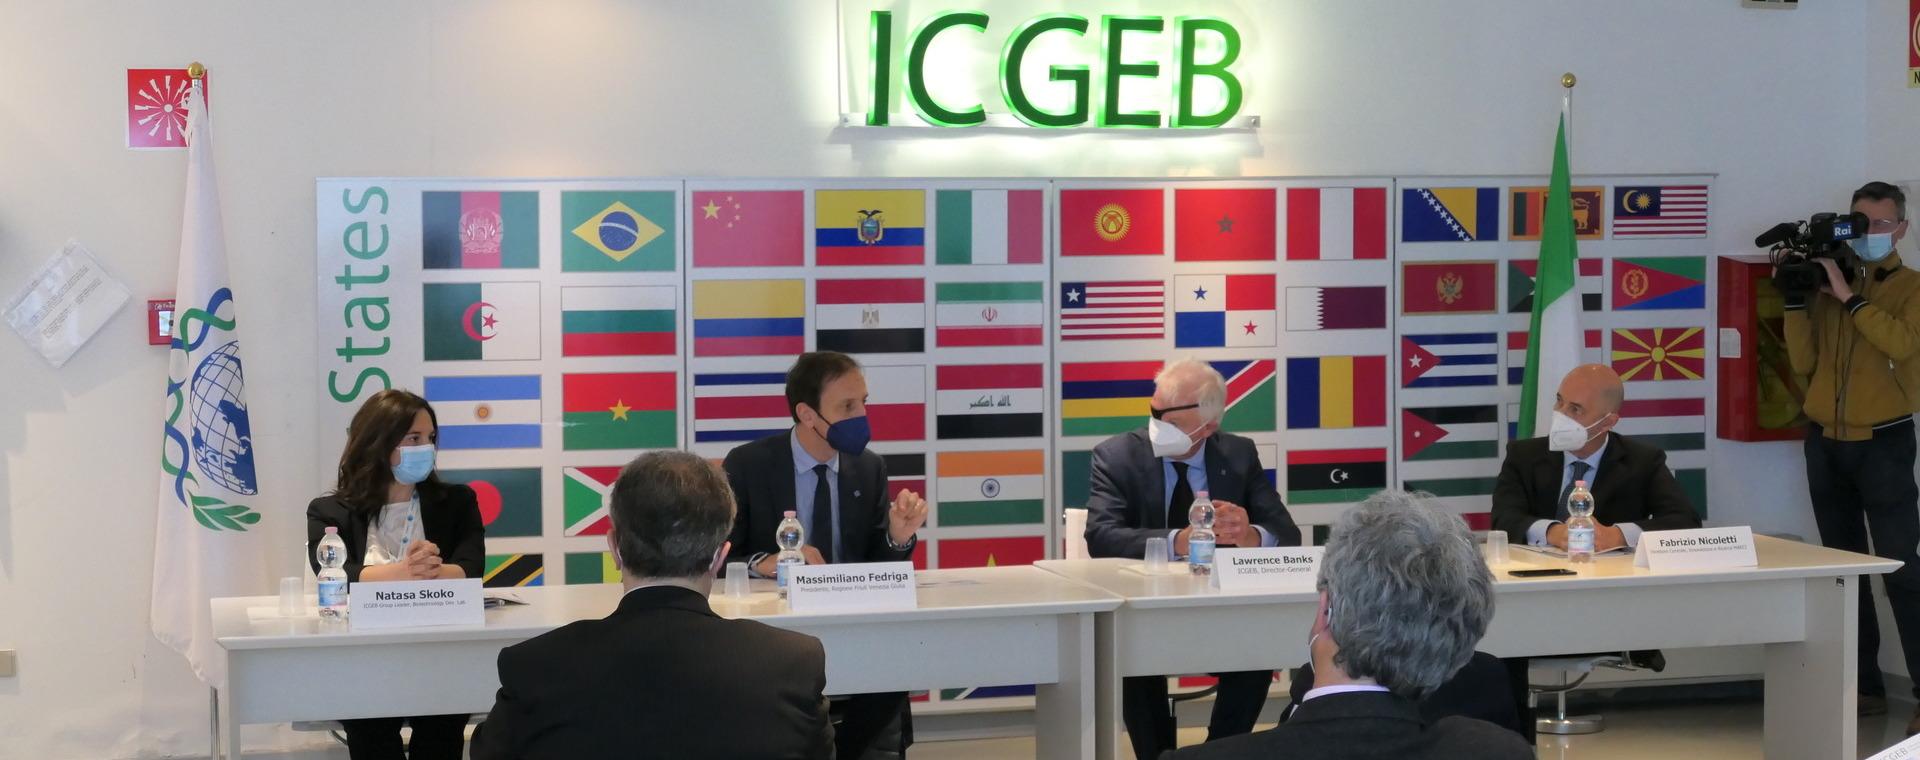 Nuovi laboratori per lo sviluppo dei farmaci biosimilari presso l'ICGEB di Trieste